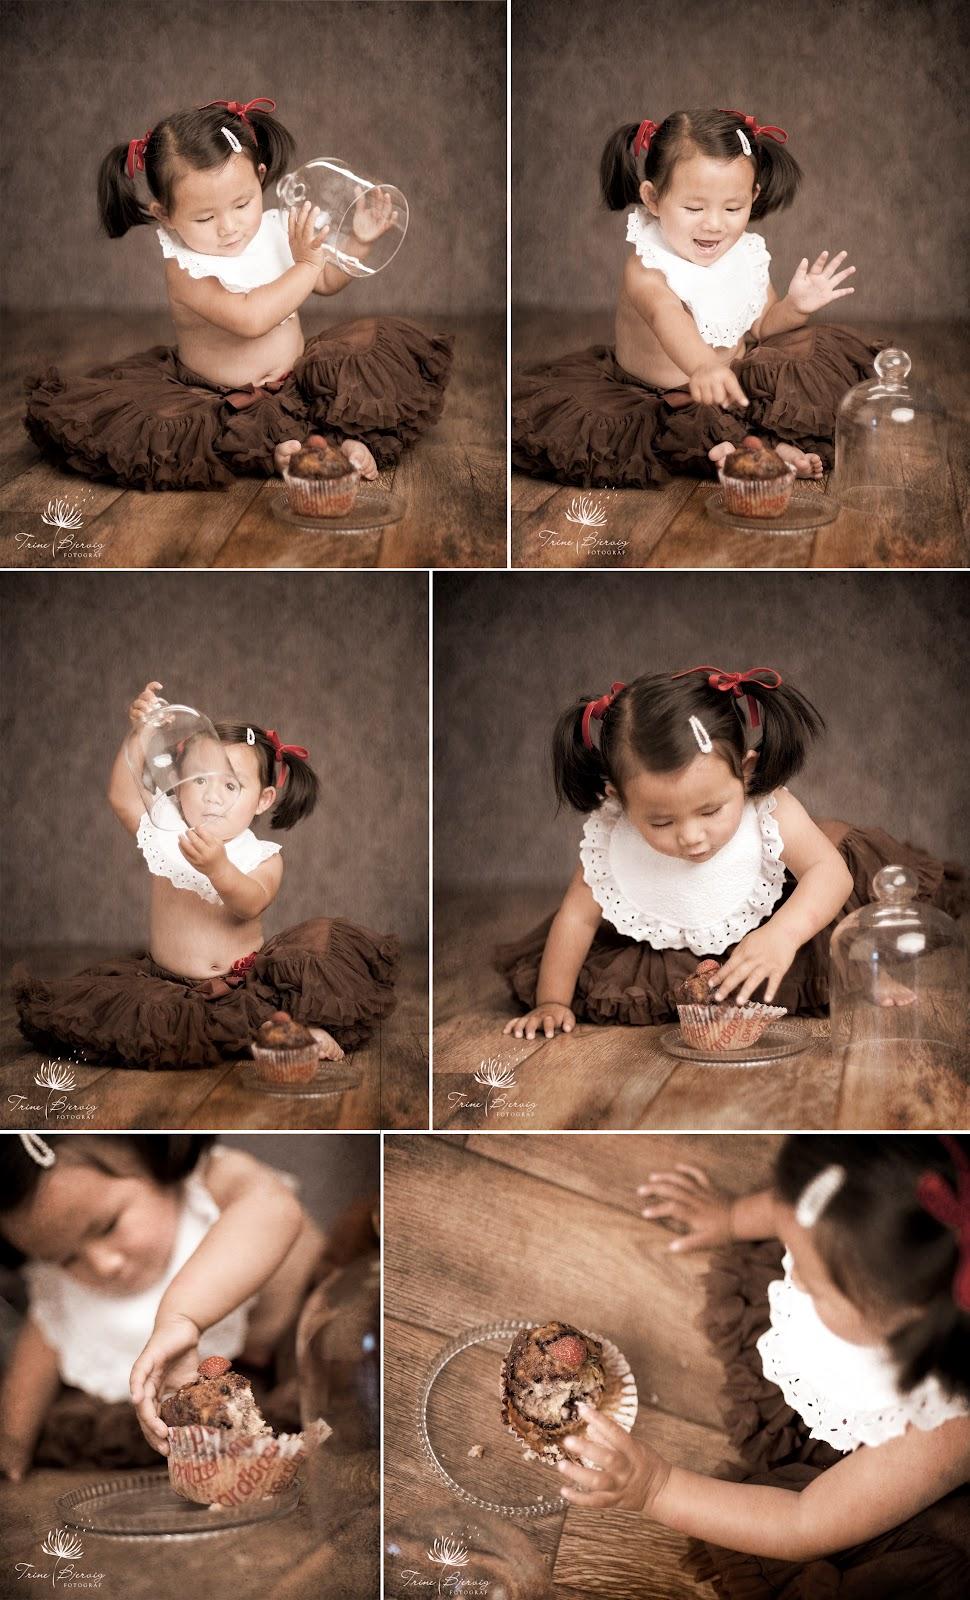 Barnebilder av en liten jente som spiser kake - fotografert av fotograf trine bjervig i Tønsberg, vestfold